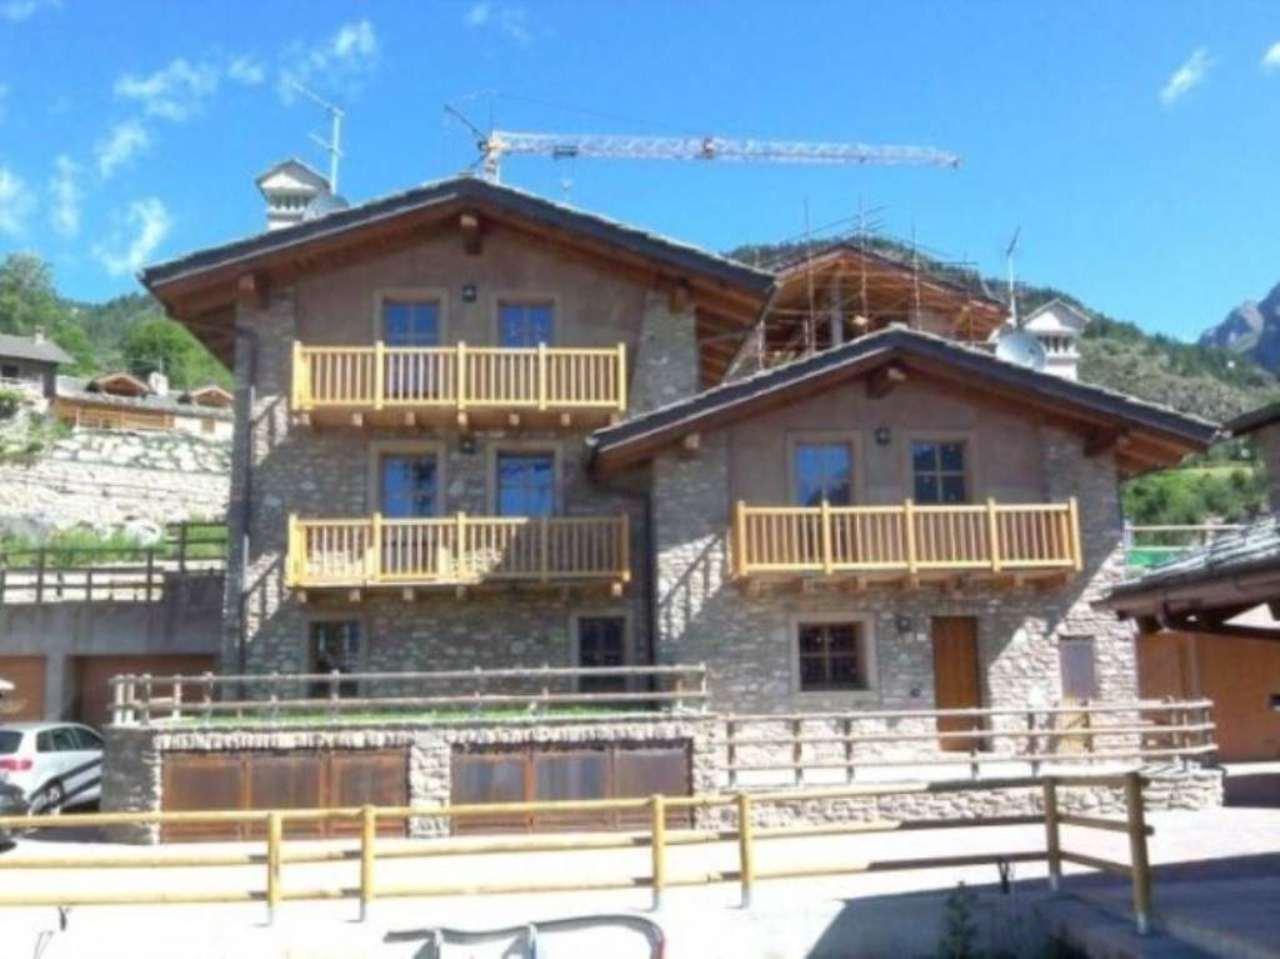 Appartamento in vendita a Doues, 2 locali, prezzo € 200.000 | Cambio Casa.it